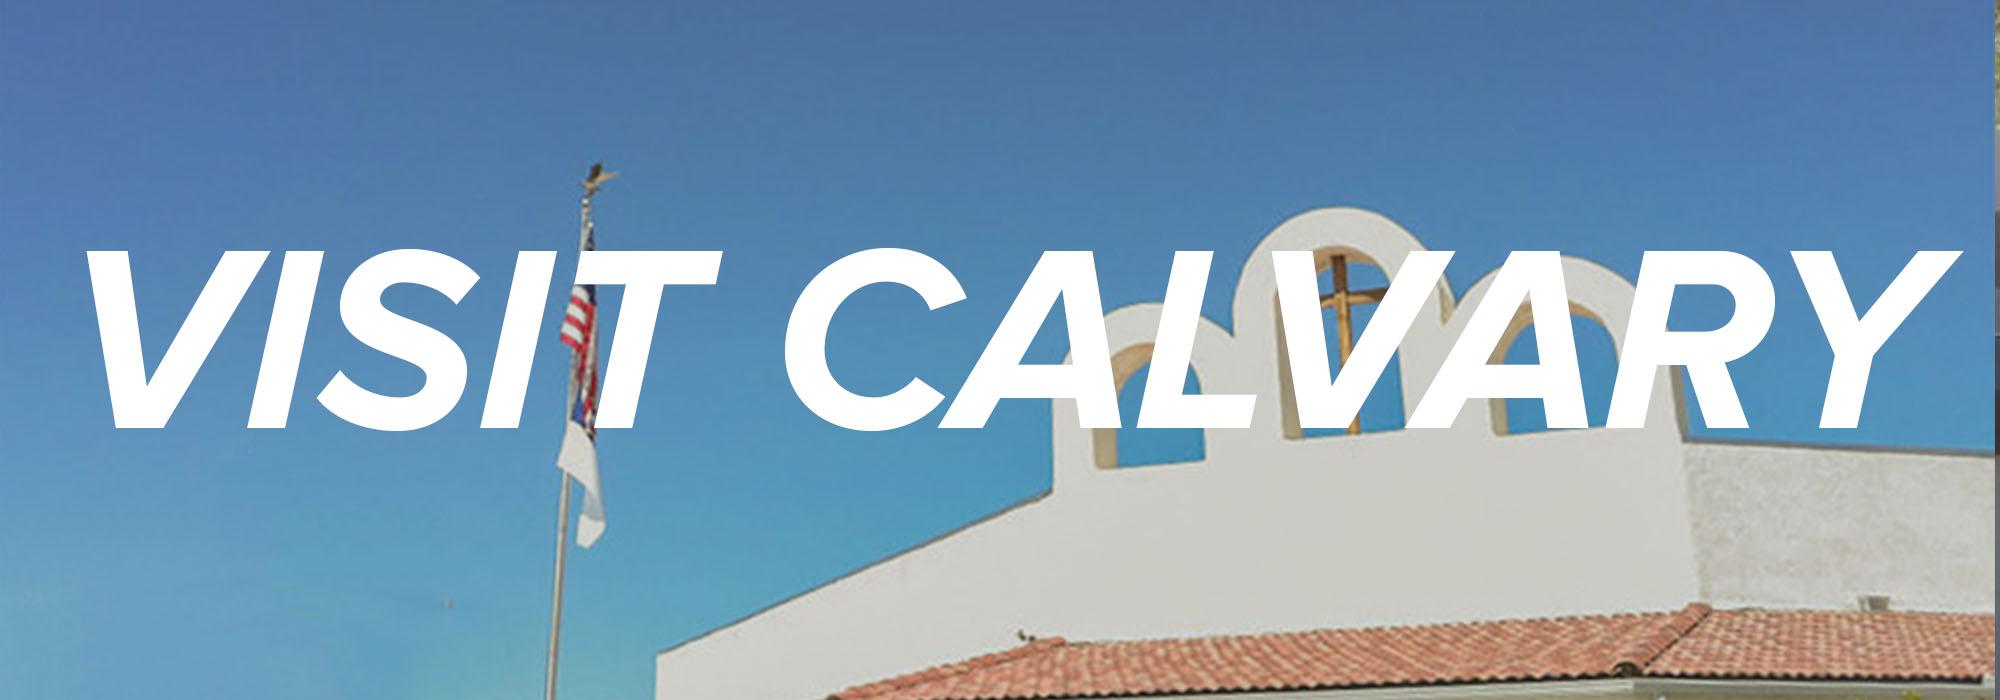 Visit - McCulloch.jpg